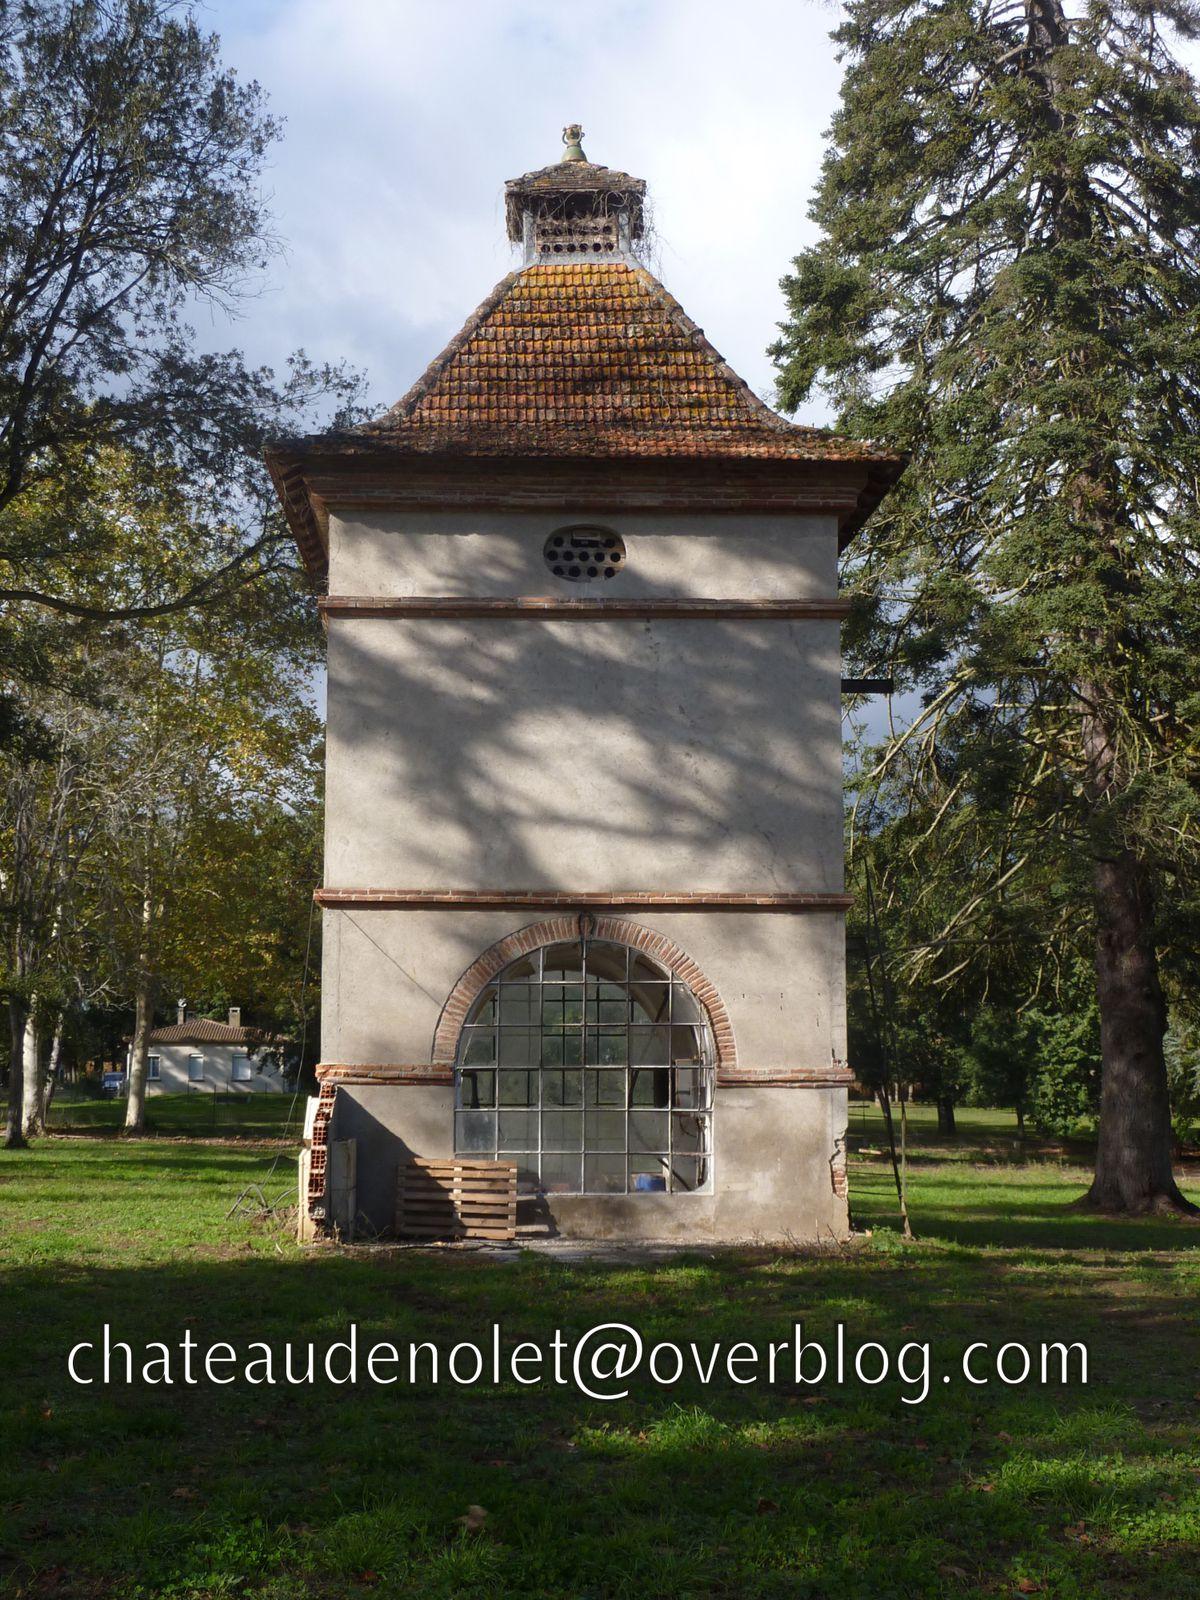 Carnet de voyage de Toulouse à Montauban en passant par Nolet